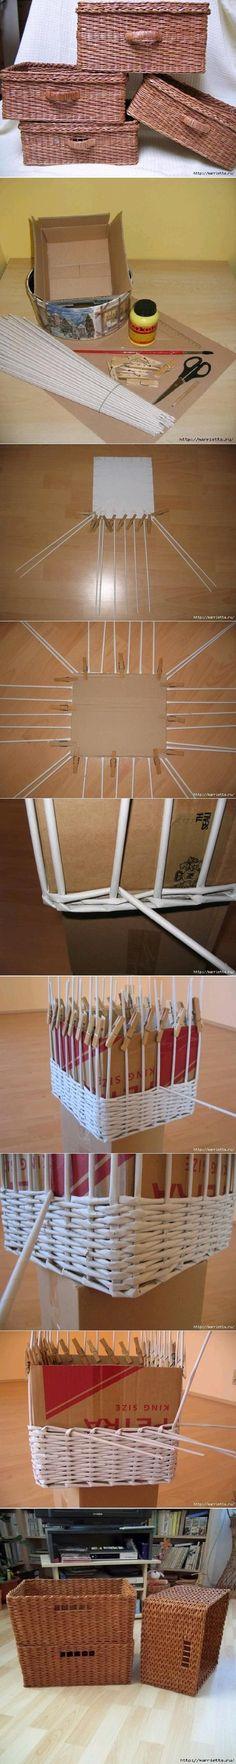 DIY Newspaper Weave Basket: